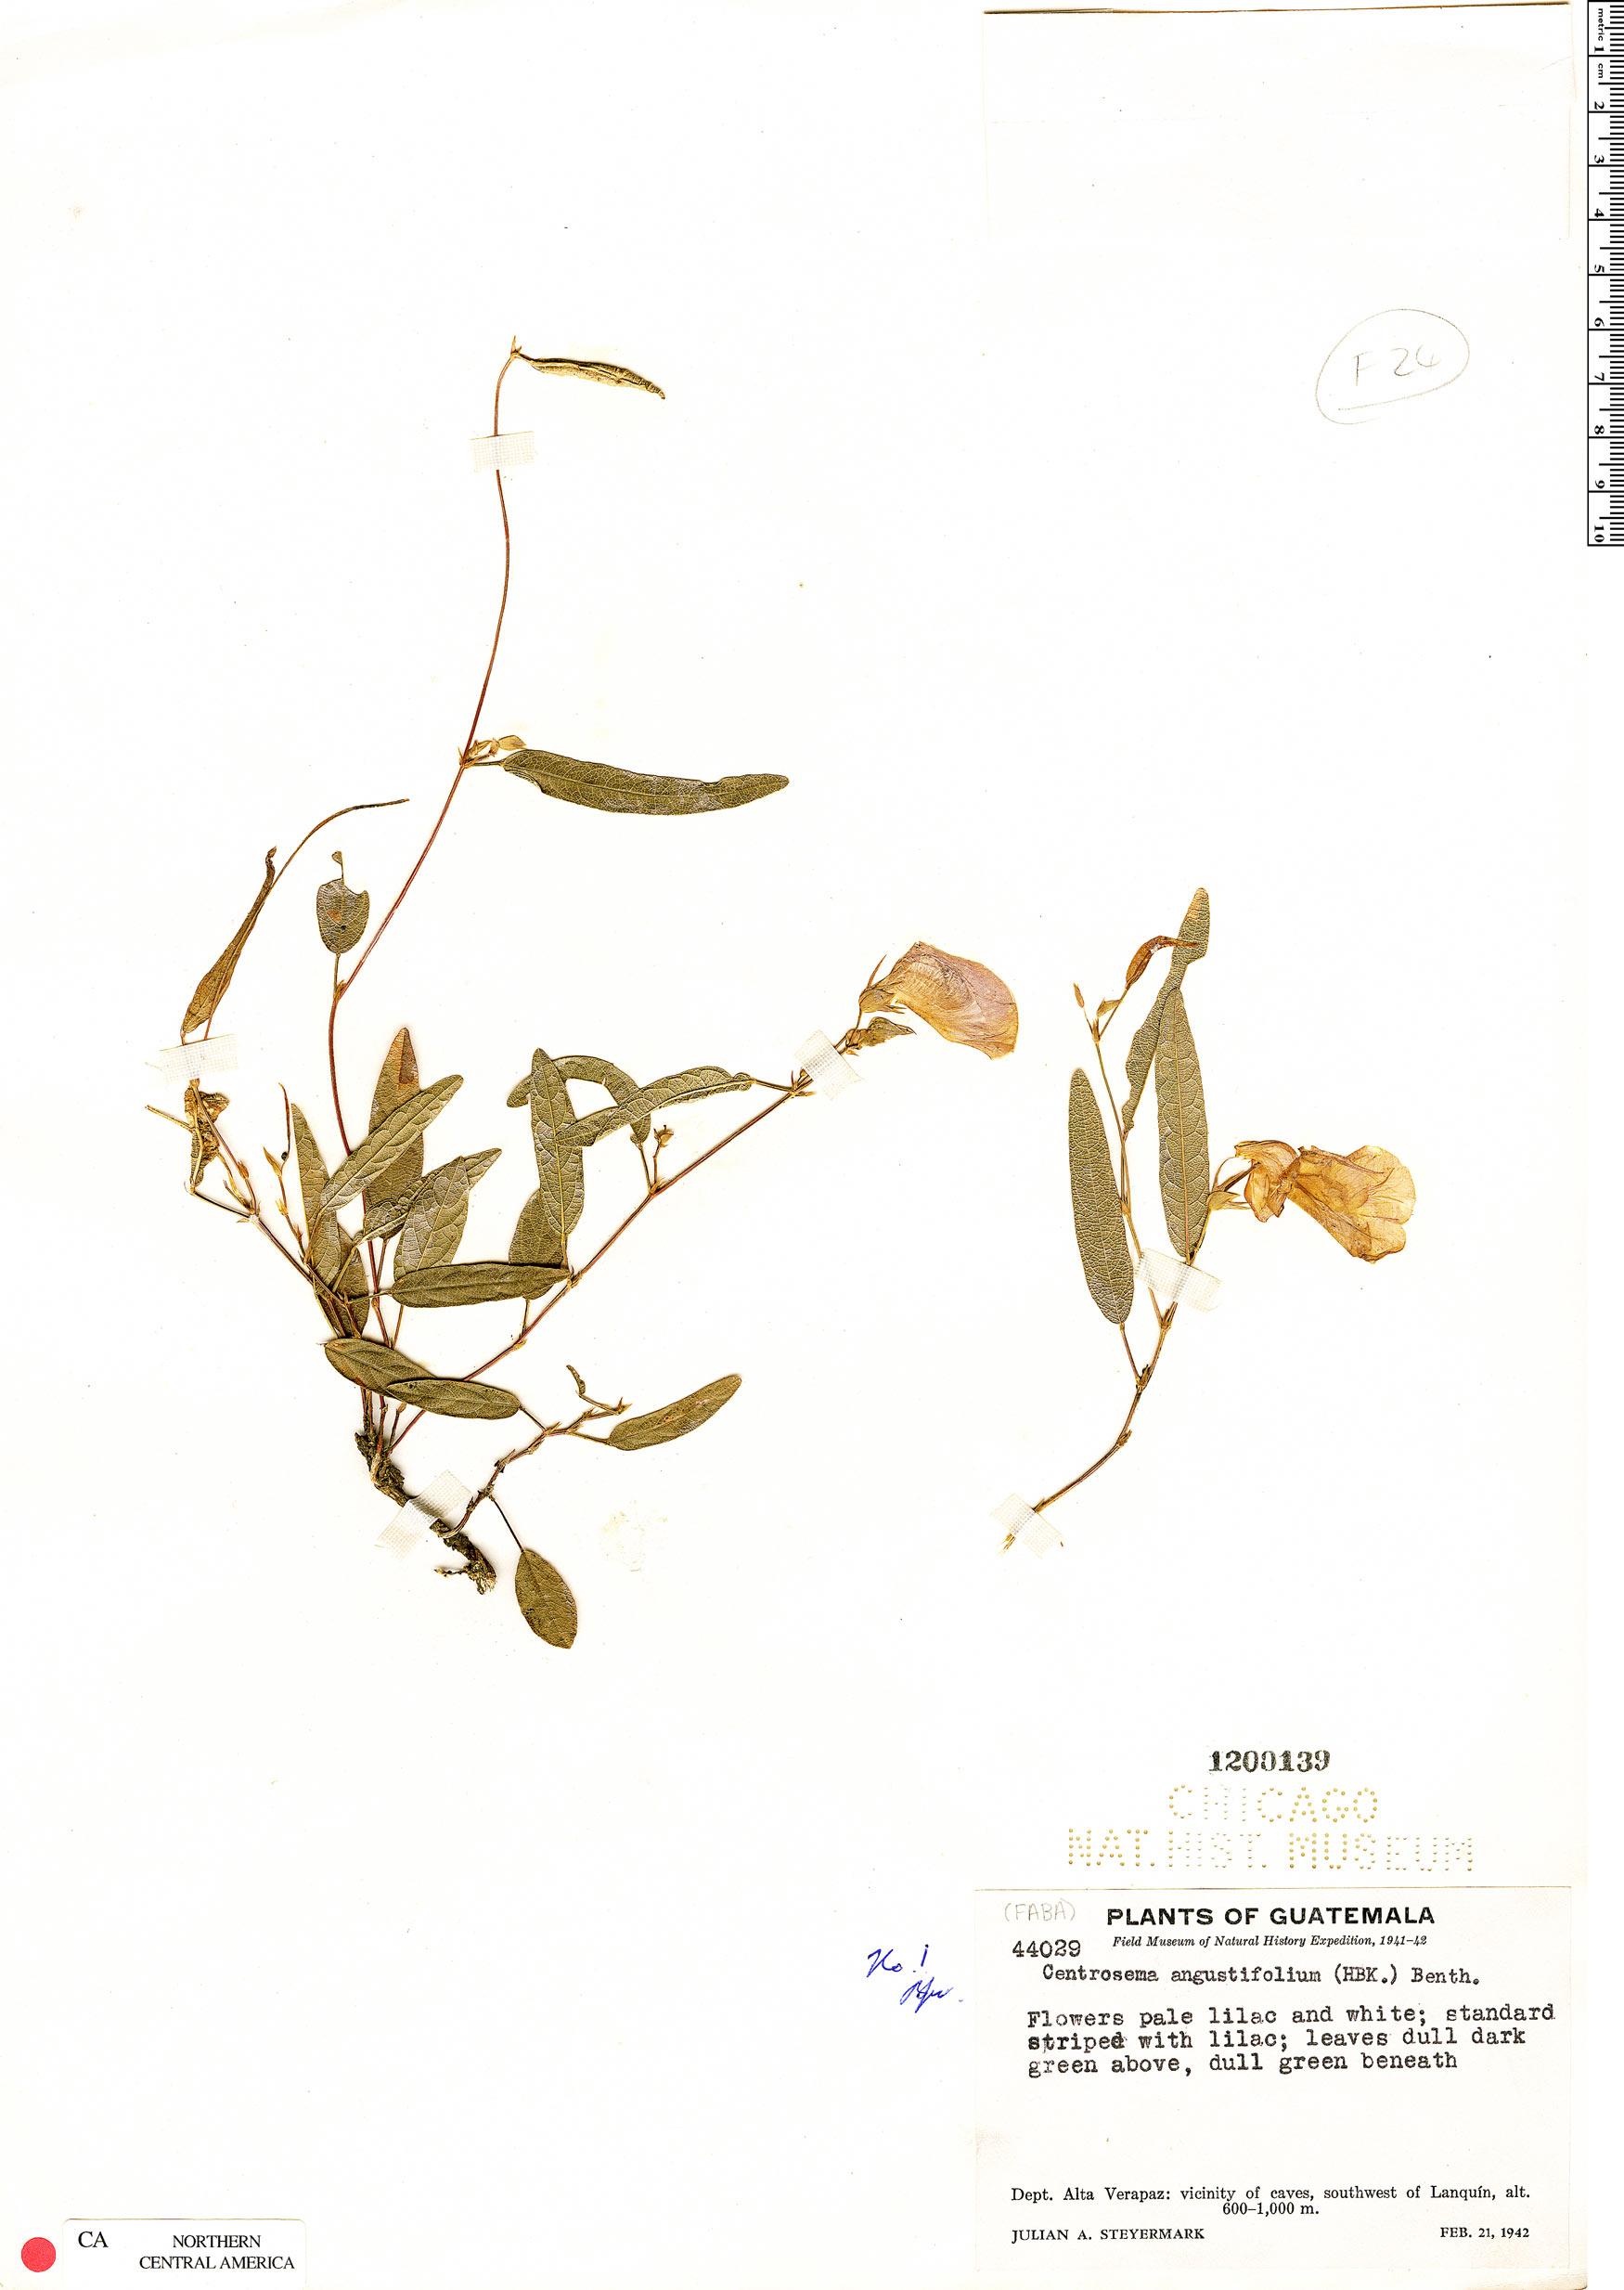 Centrosema angustifolium image